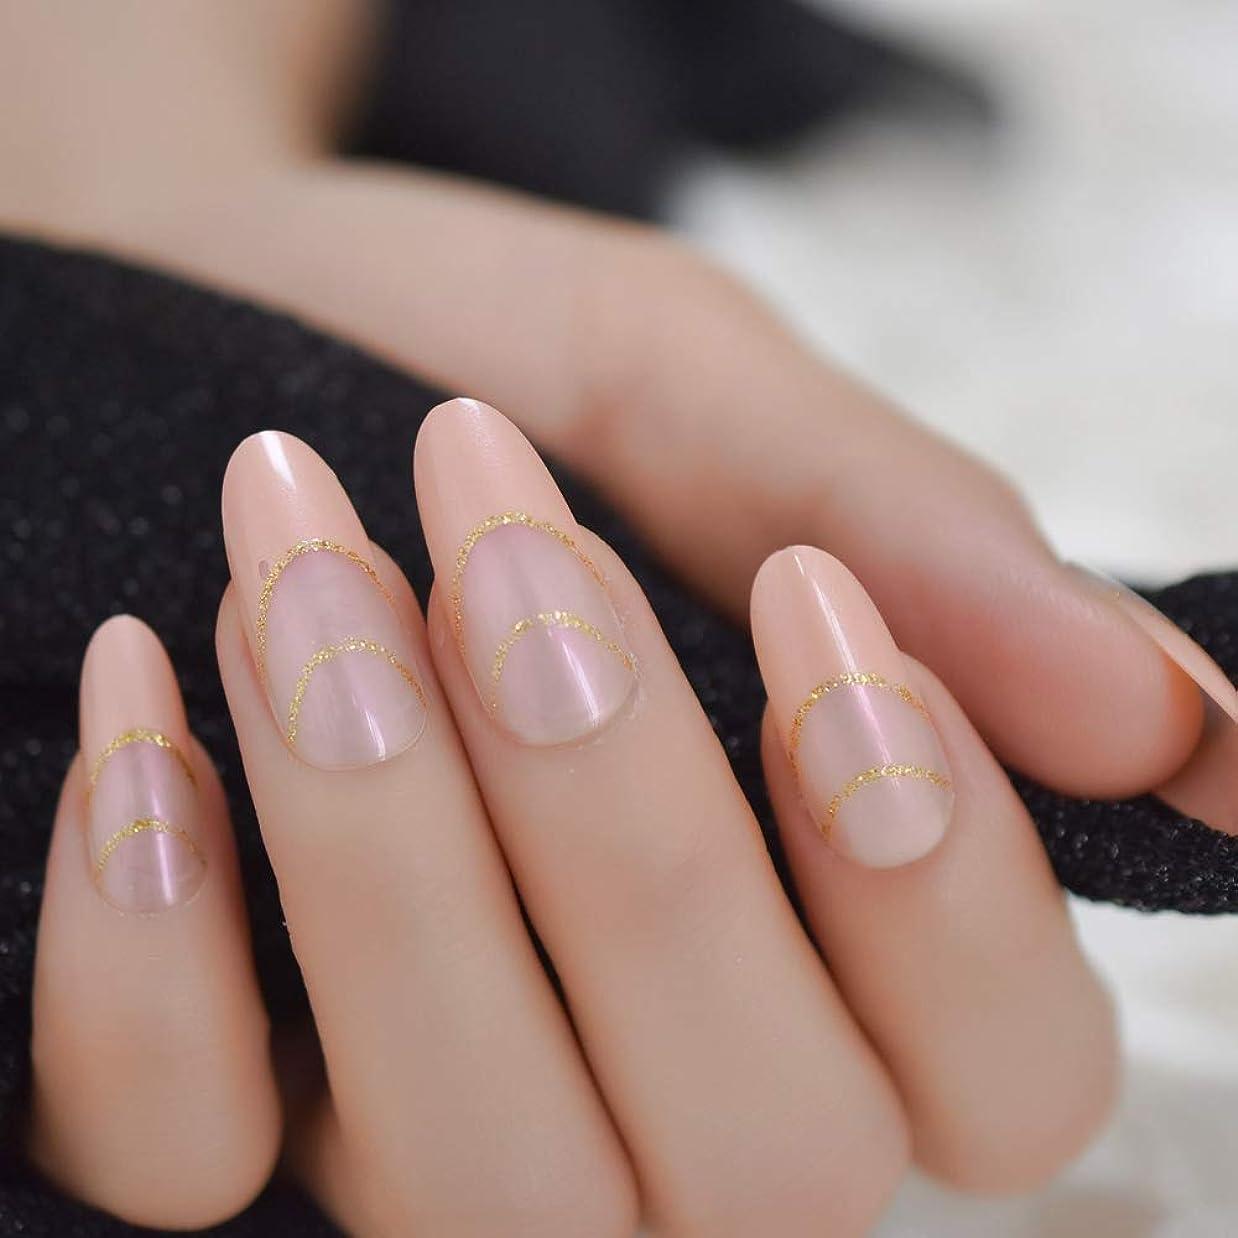 例制限状態XUTXZKA 指のためのマニキュアアートのための裸のピンクのヒントロングラウンド偽ネイルピンクがかったゴールドラメの偽ネイルフォーム